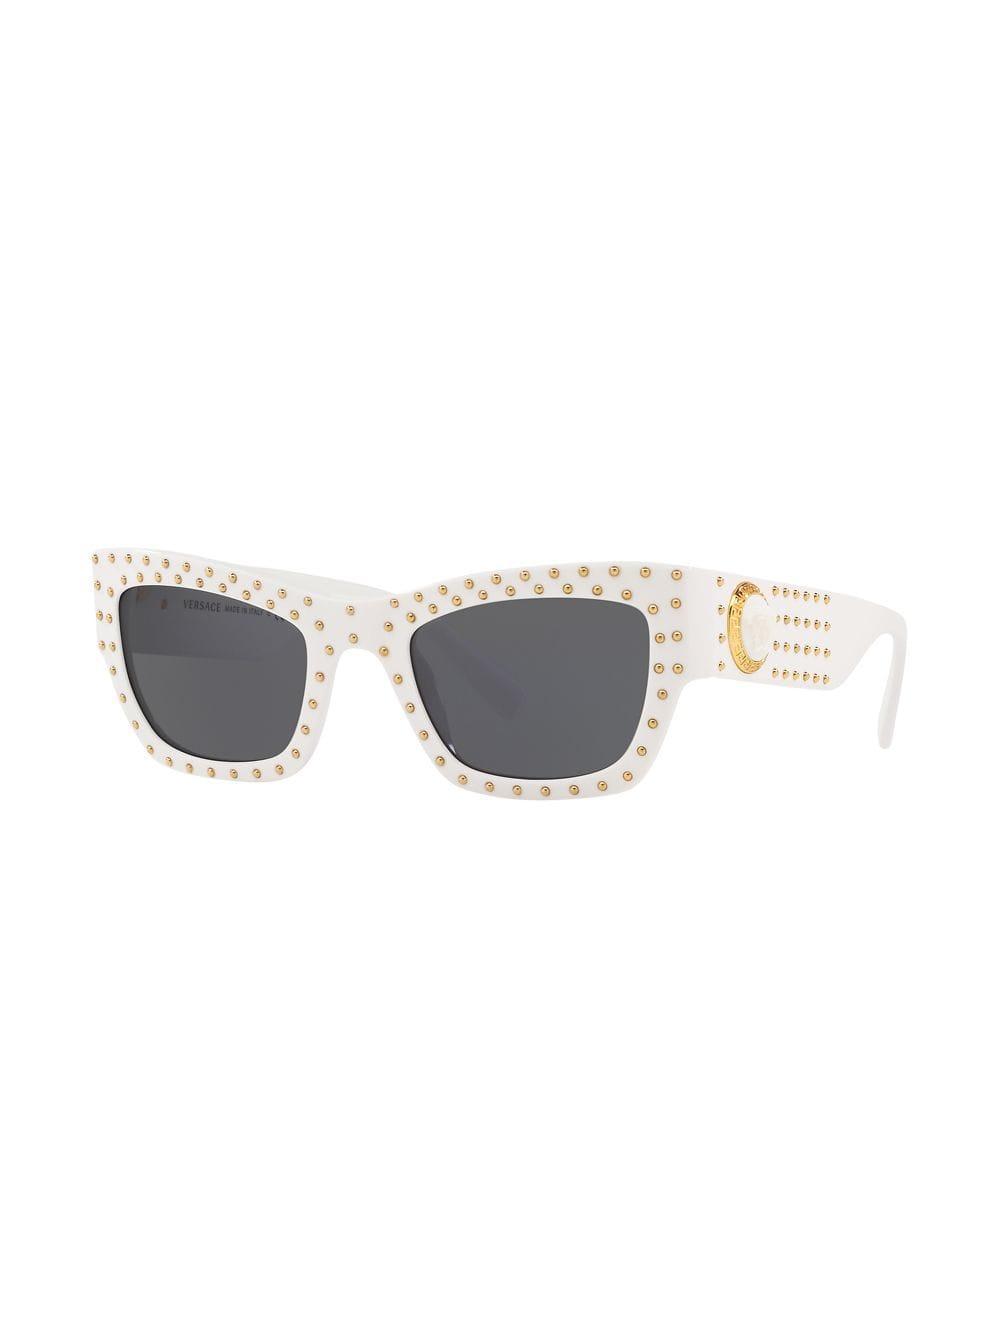 dc252c9ca8 Gafas de sol de mujer rectangulares de acetato en negro con tachas